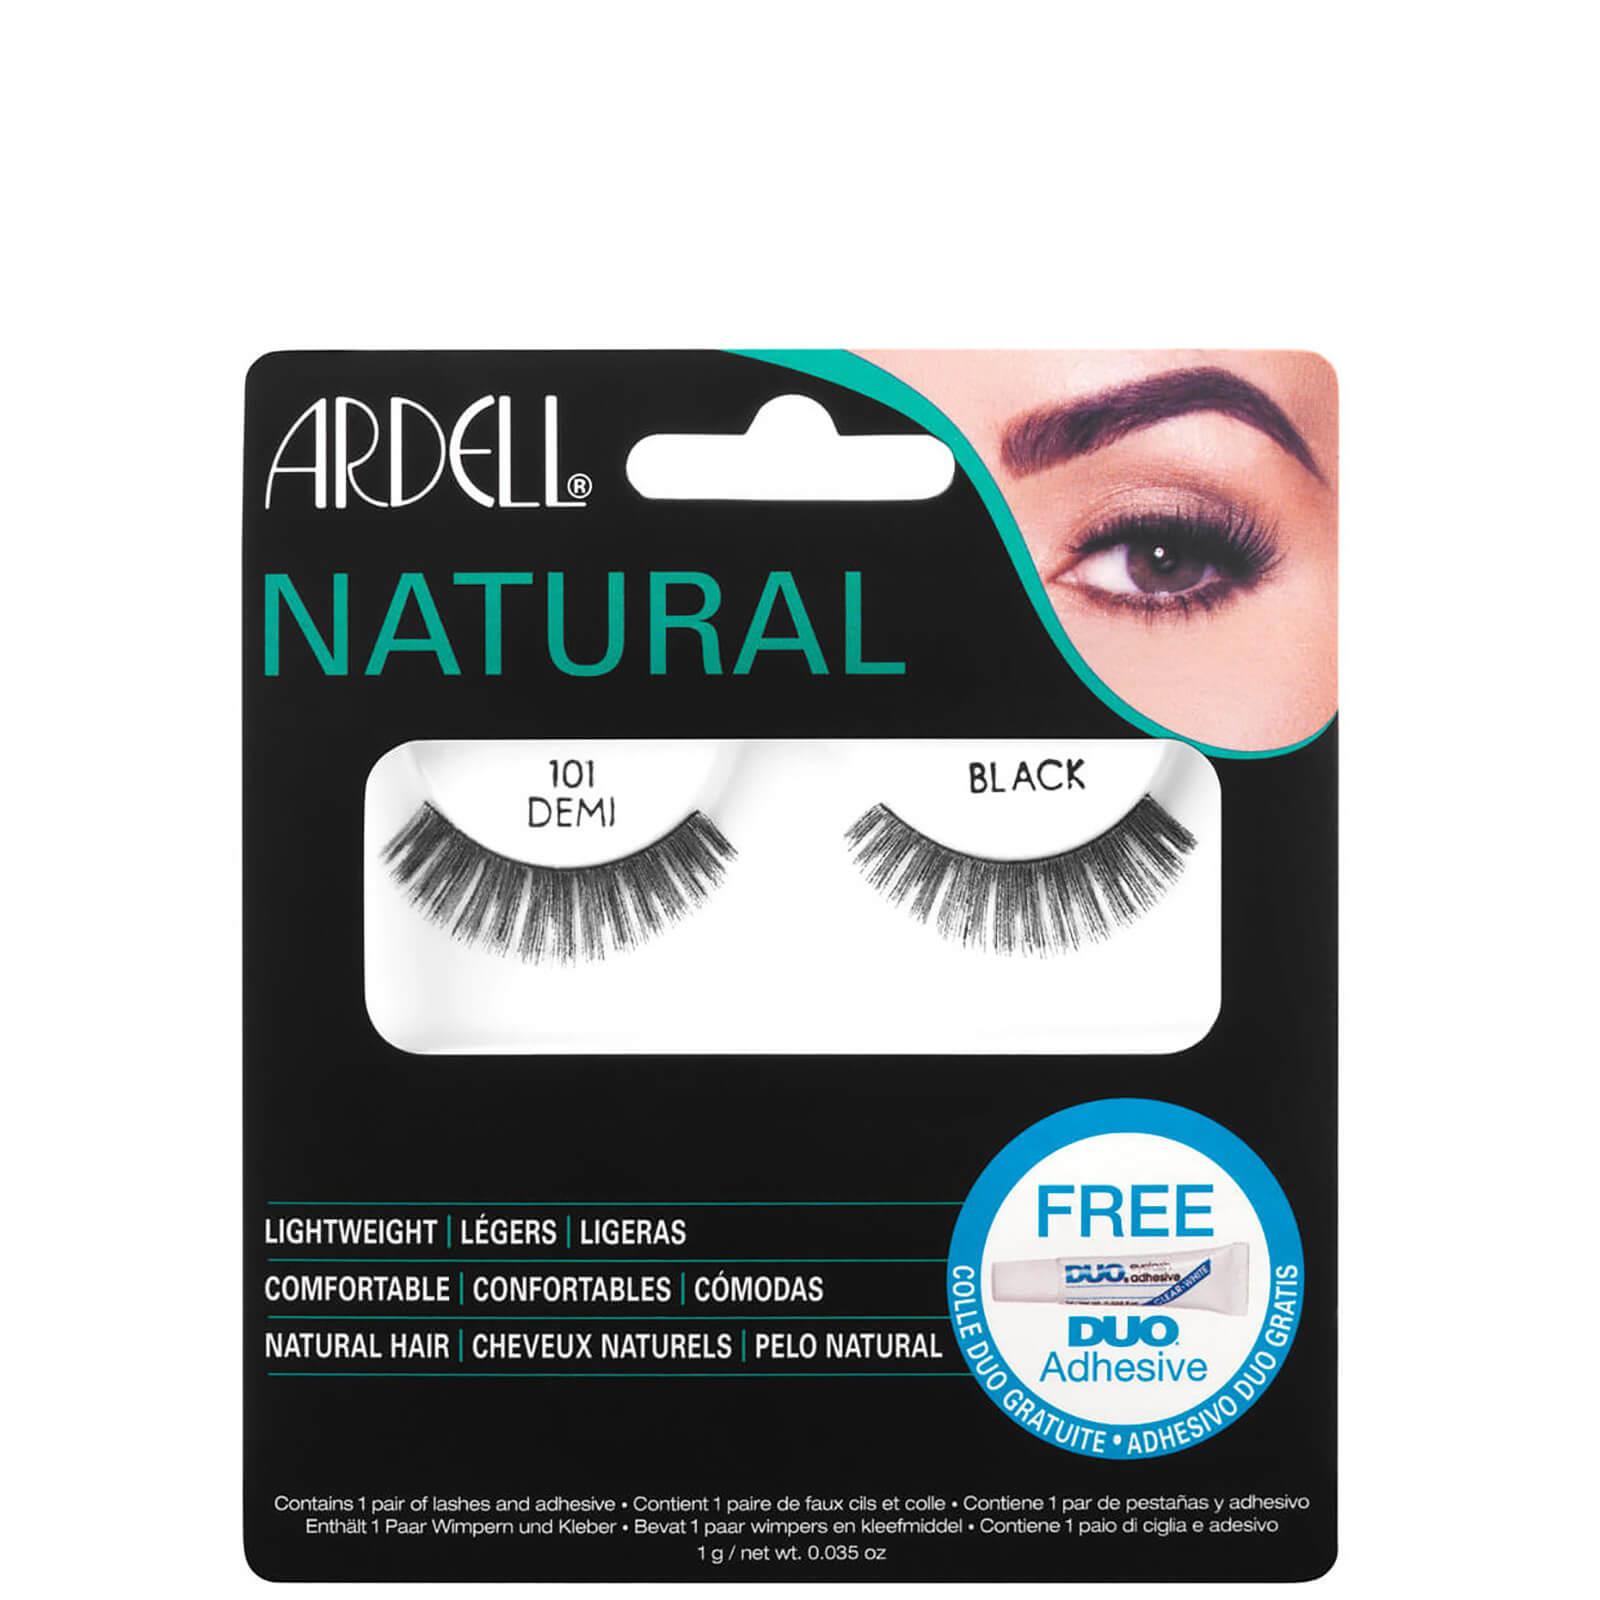 Купить Натуральные черные ресницы Ardell Natural Lashes 101 Demi Black